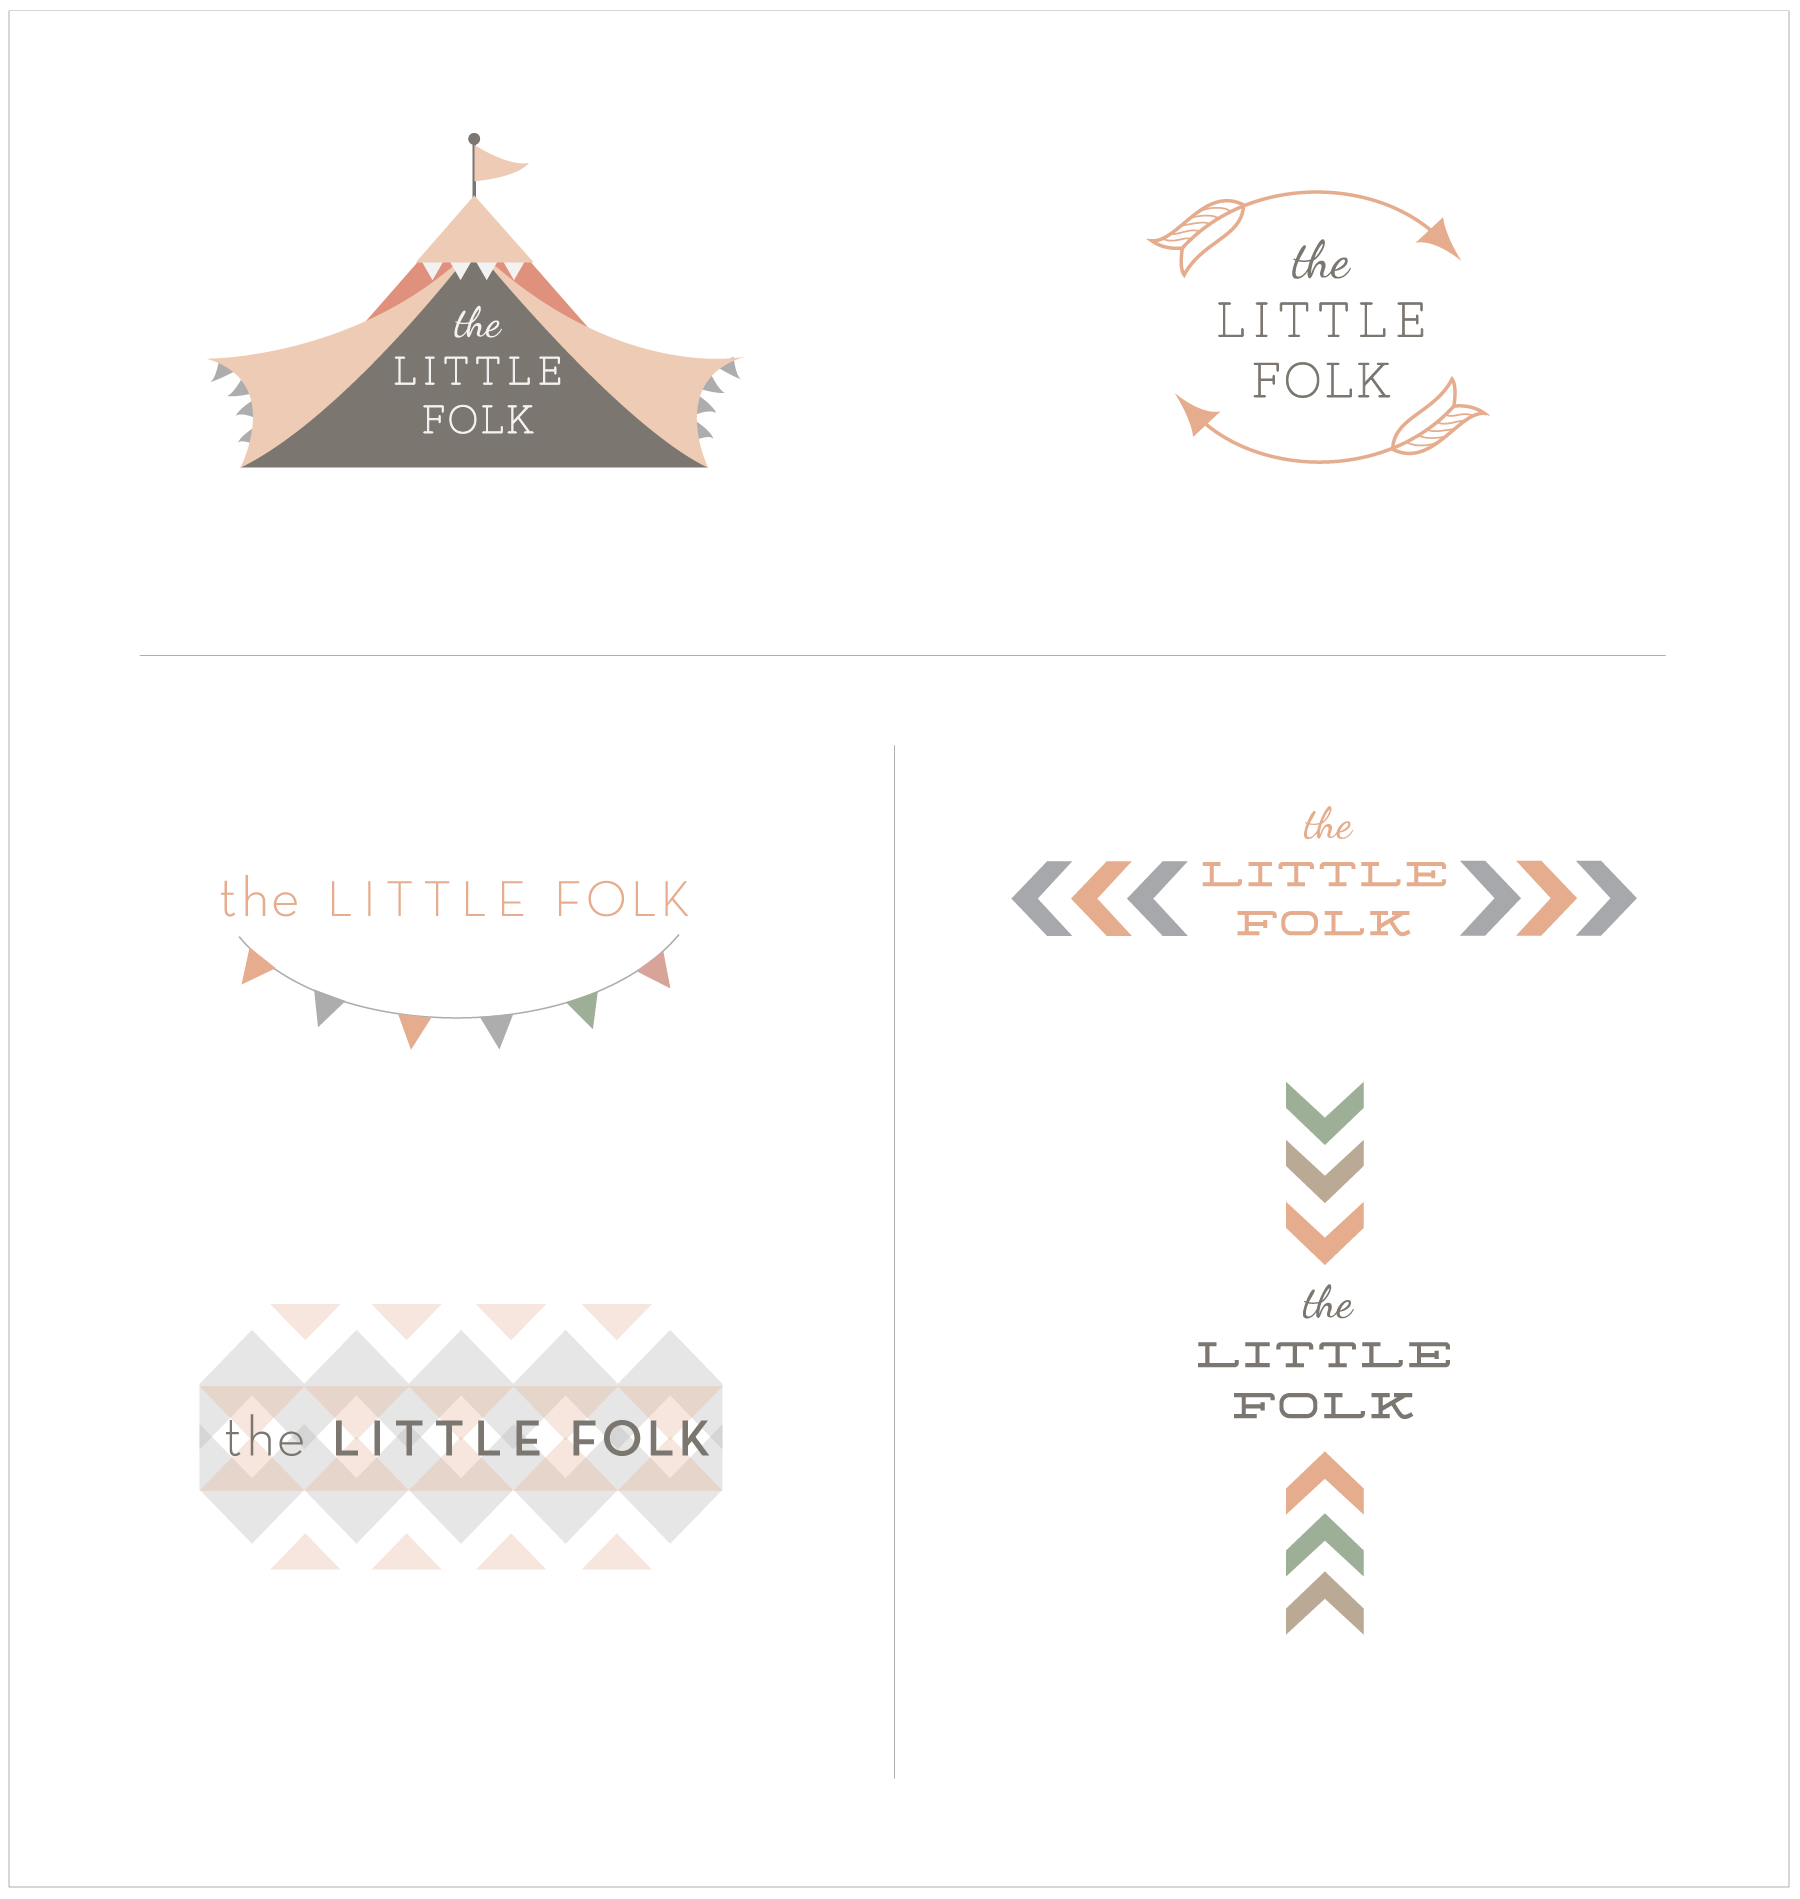 LittleFolk-Neilson-Logos2.png